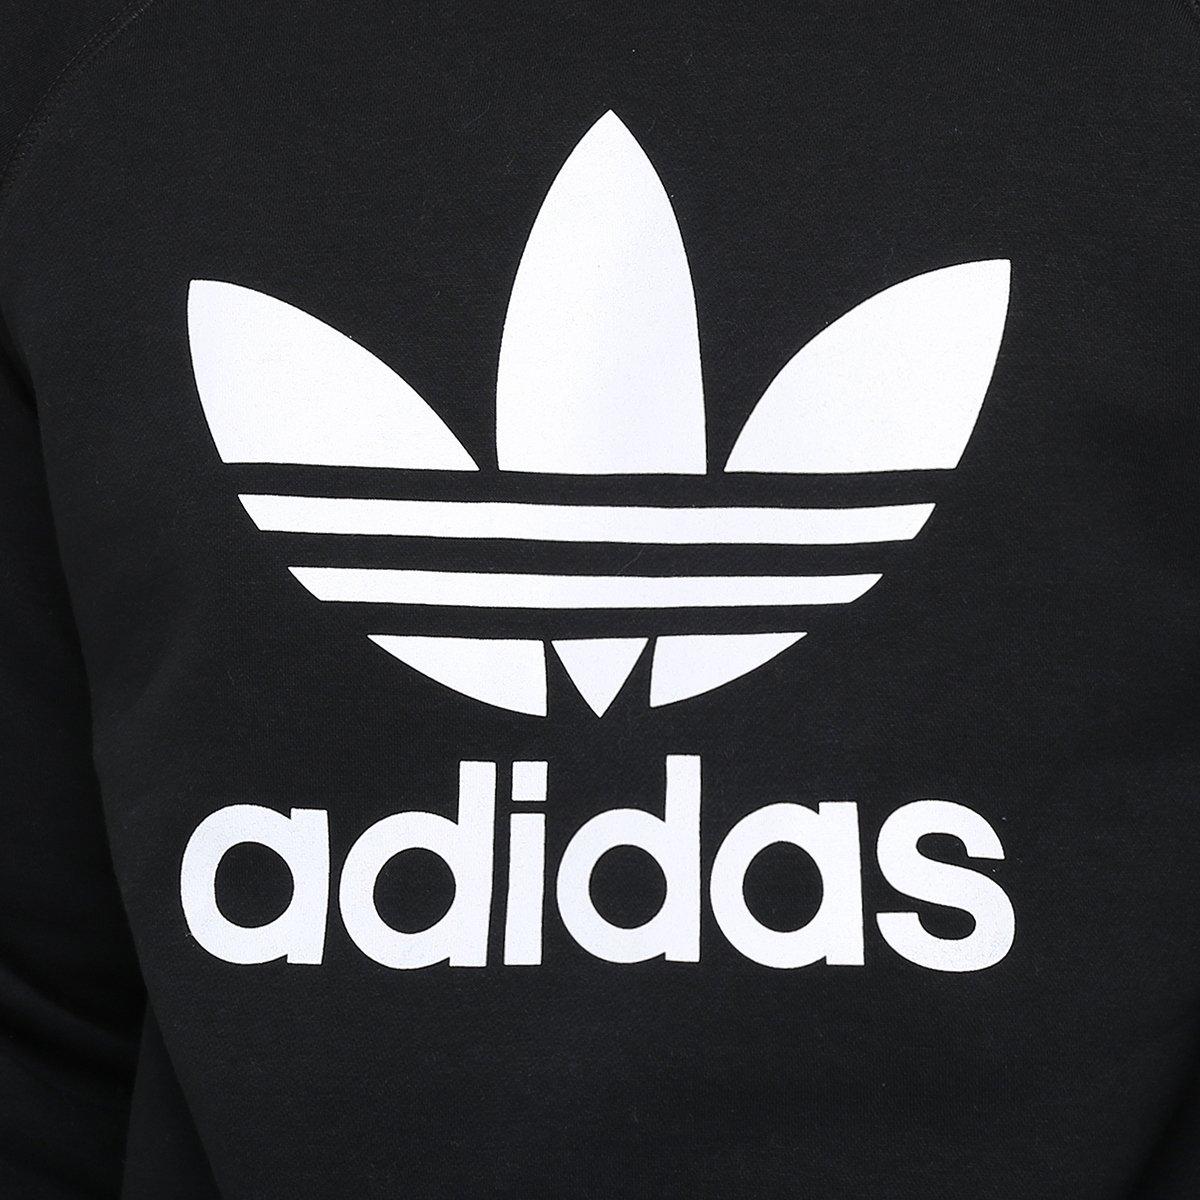 Moletom Adidas Trefoil Flee Crew - Compre Agora  c4652eccb9f